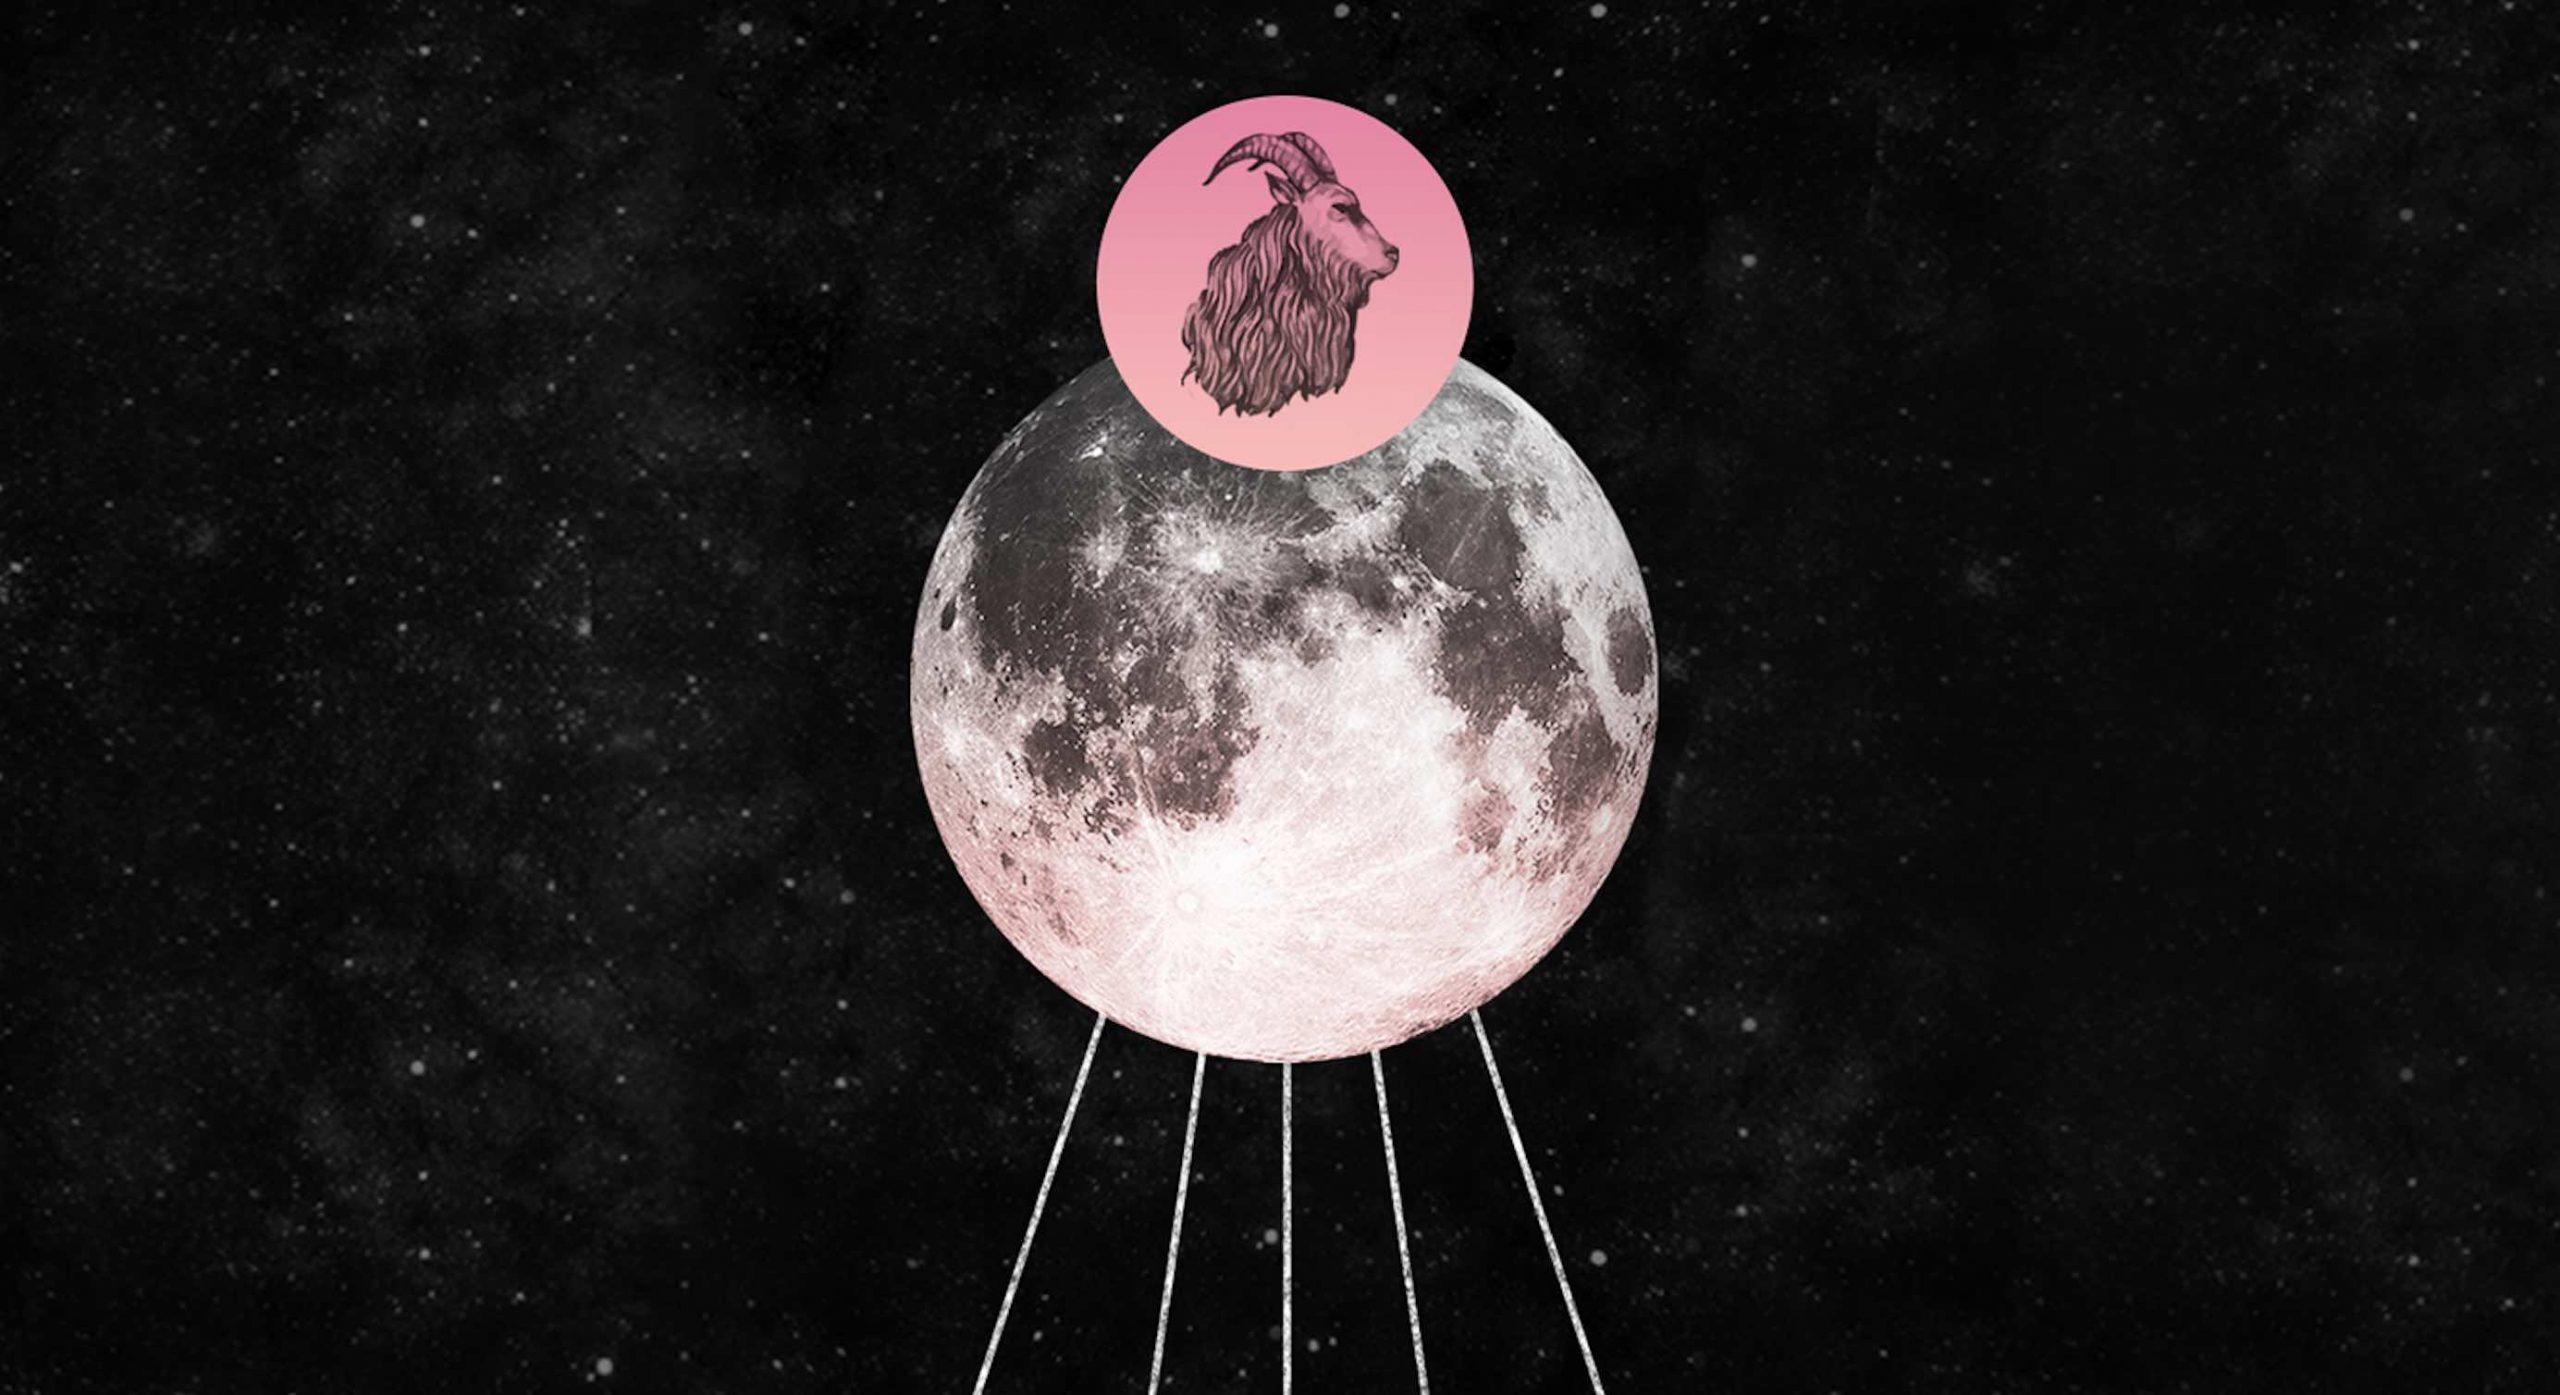 La luna llena en Capricornio llega para traerte frutos por tus esfuerzos